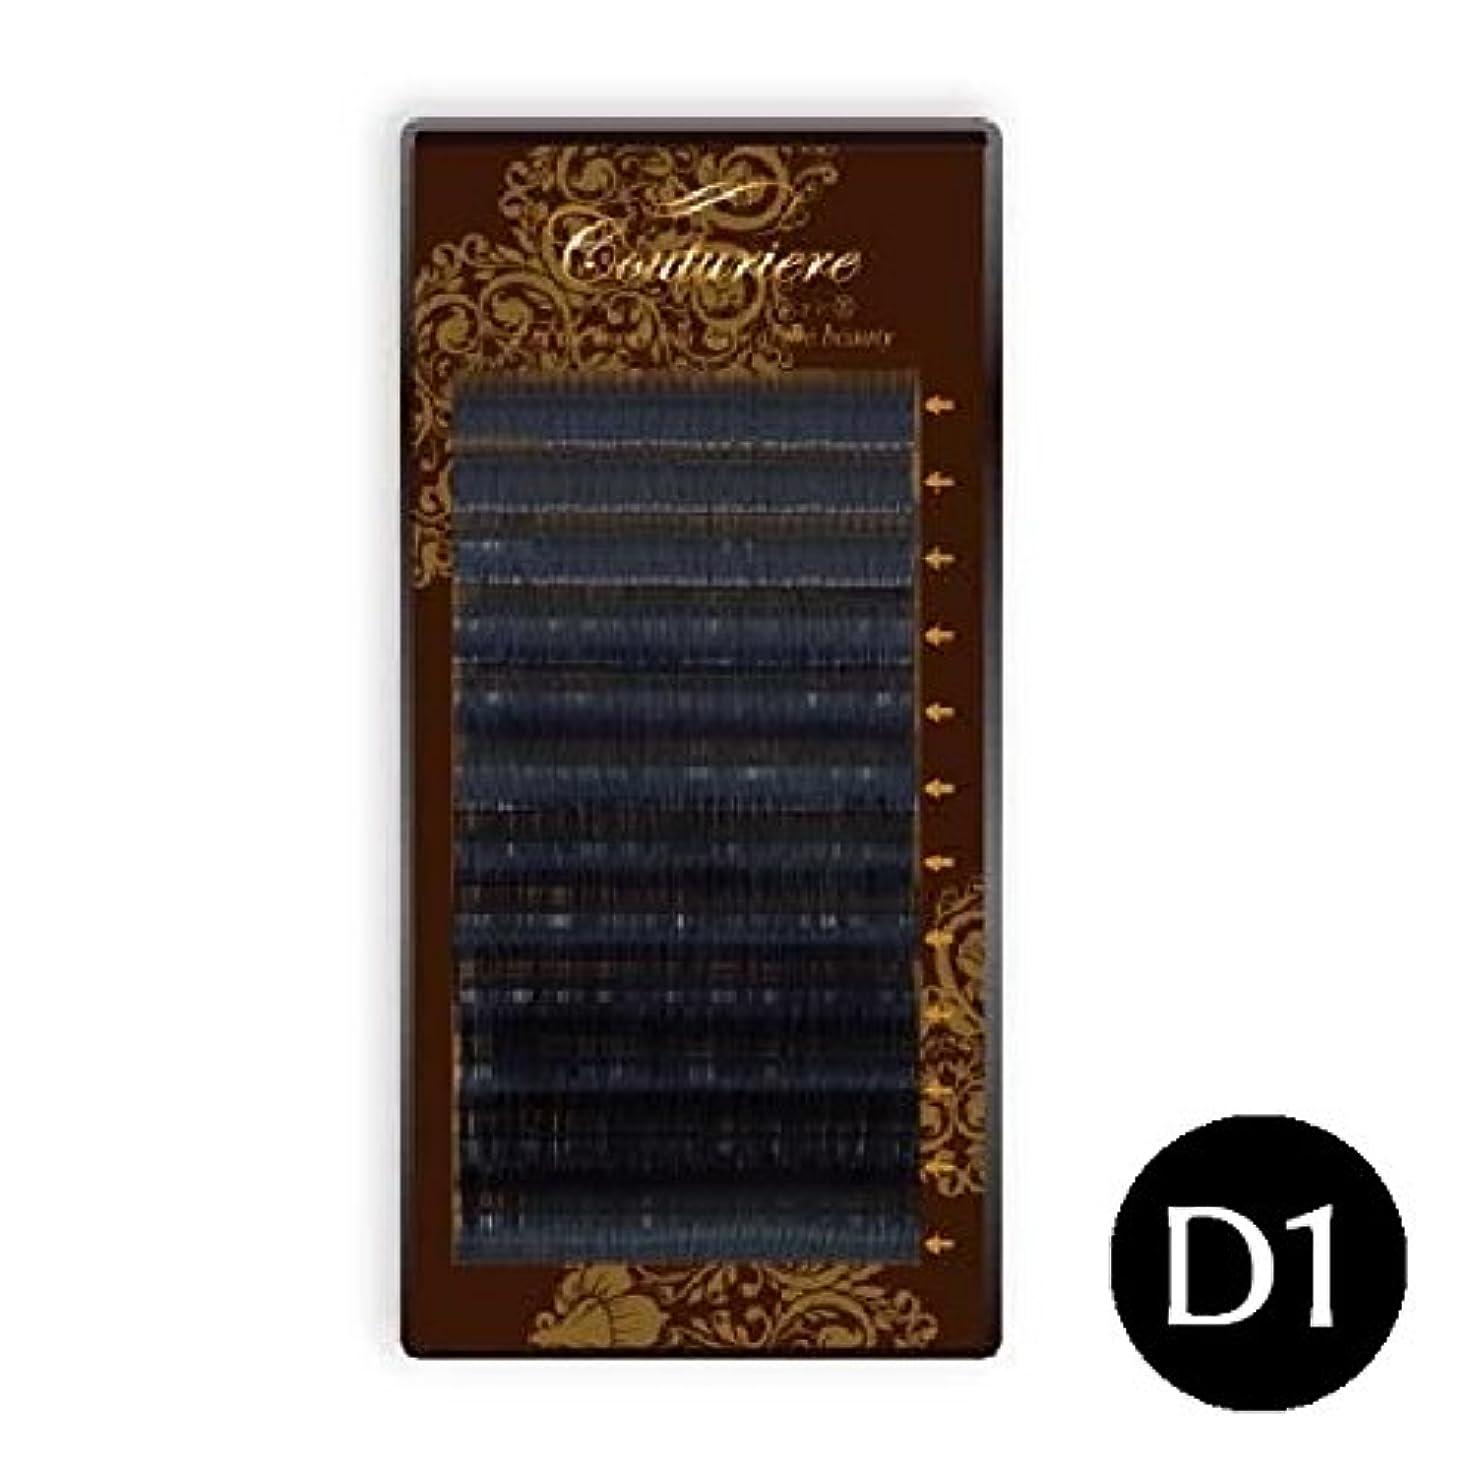 クライマックス知覚的賠償まつげエクステ マツエク クチュリエール D1カール (12列) (0.20mm 12mm)